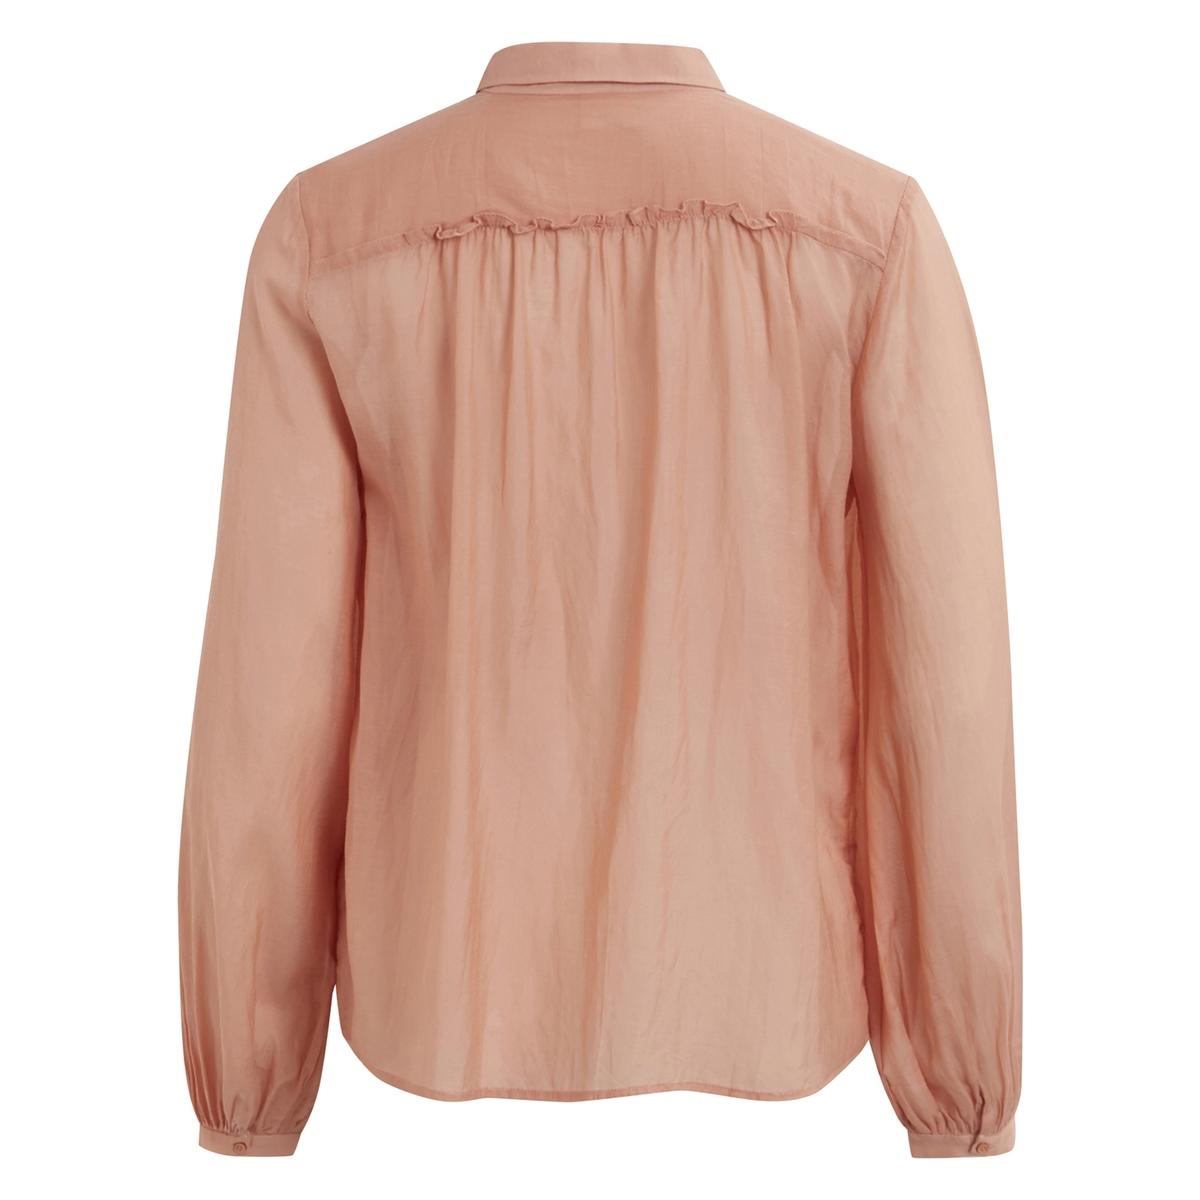 Рубашка из вуали VIPOPULAR L/S SHIRTРубашка  VIPOPULAR L/S SHIRT от VILA . Рубашка из хлопковой вуали . Проймы с воланами . Рубашечный воротник со свободными уголками  . Застежка на пуговицы. Рукава с легким напуском на уровне манжет .Состав и описание :Материал : 100% хлопкаМарка : VILA.<br><br>Цвет: бледно-розовый<br>Размер: L